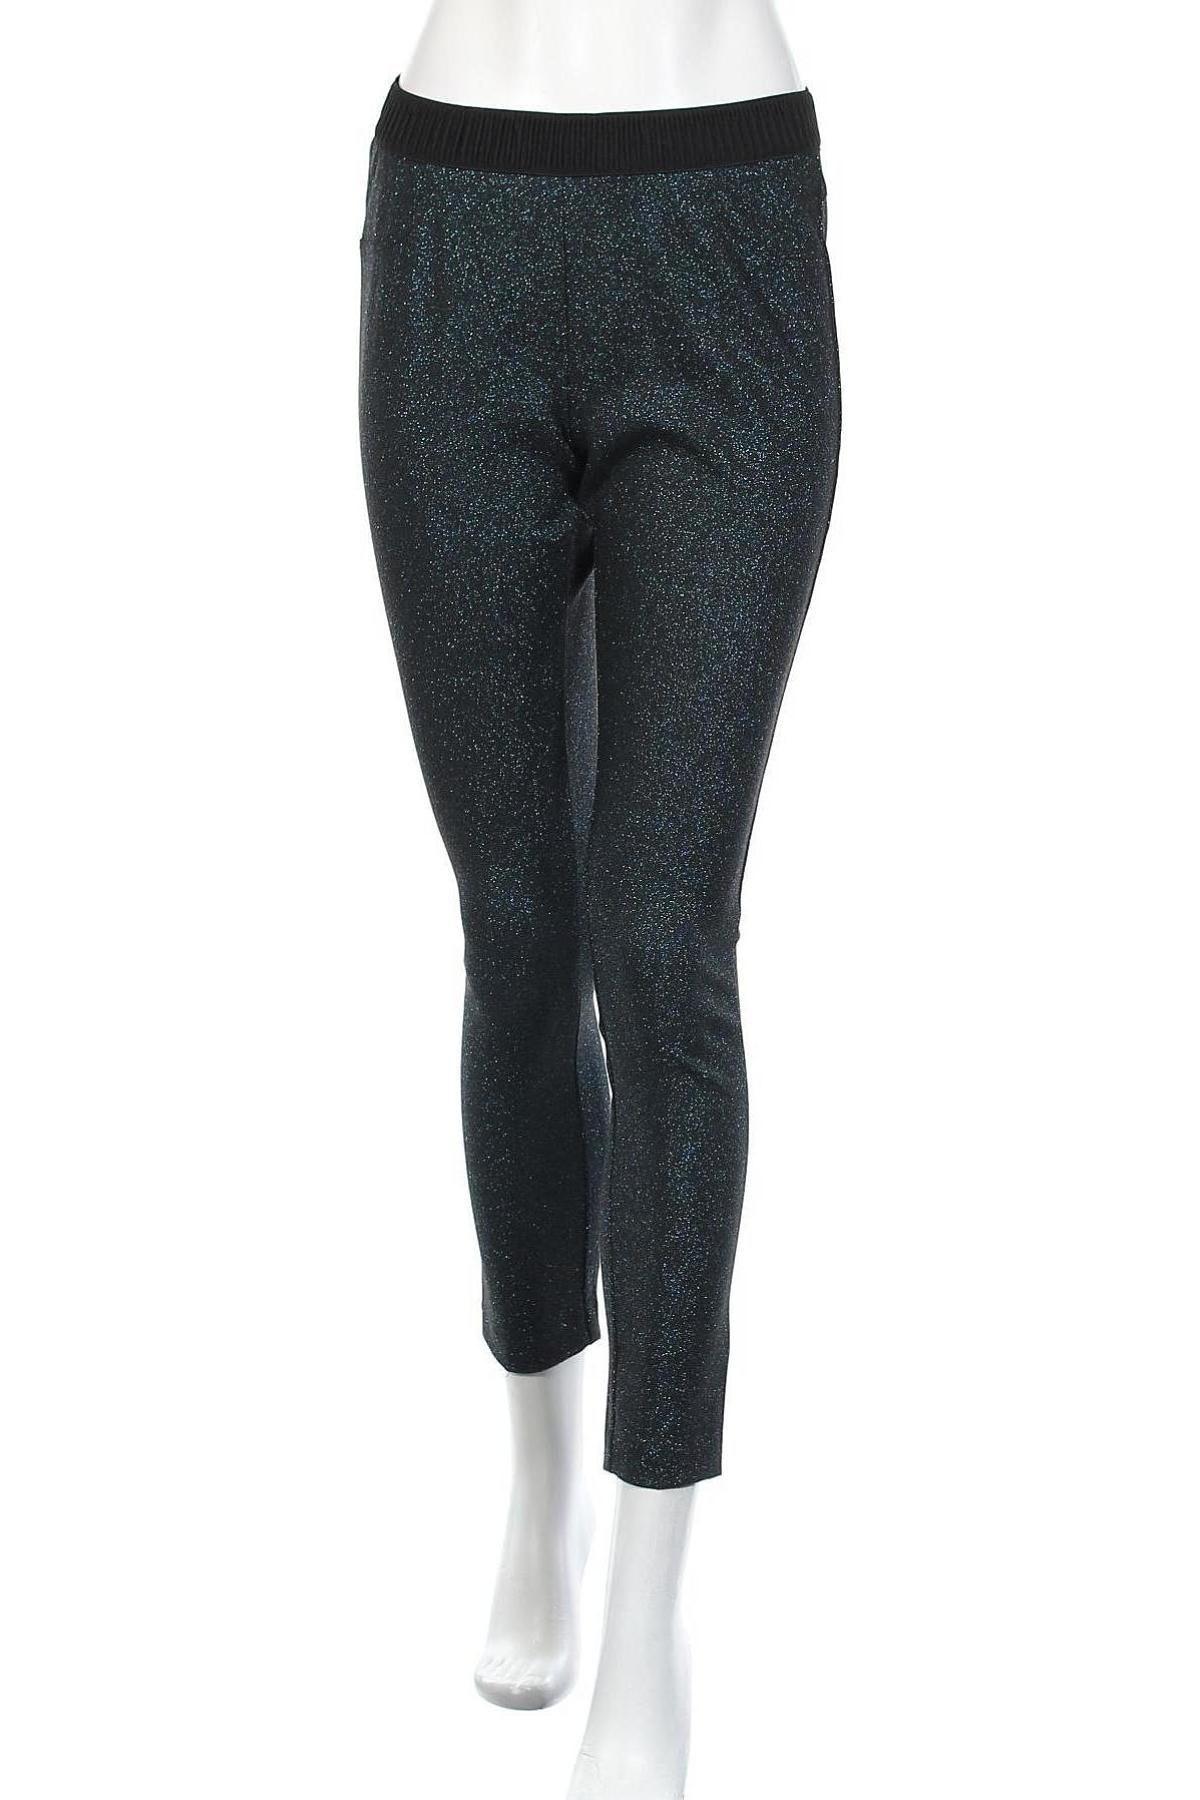 Дамски панталон Camomilla, Размер M, Цвят Черен, 63% полиестер, 23% вискоза, 6% метални нишки, Цена 17,80лв.